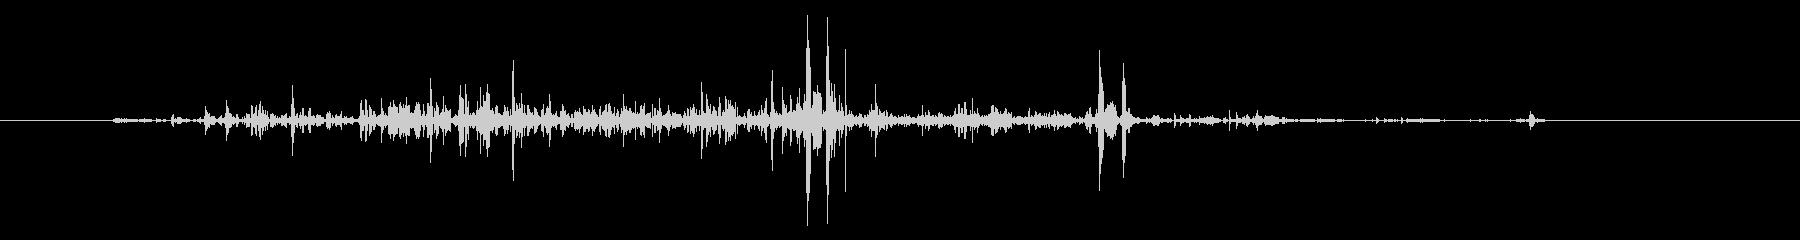 ネバネバ、ヌメヌメとした不気味な音B#3の未再生の波形